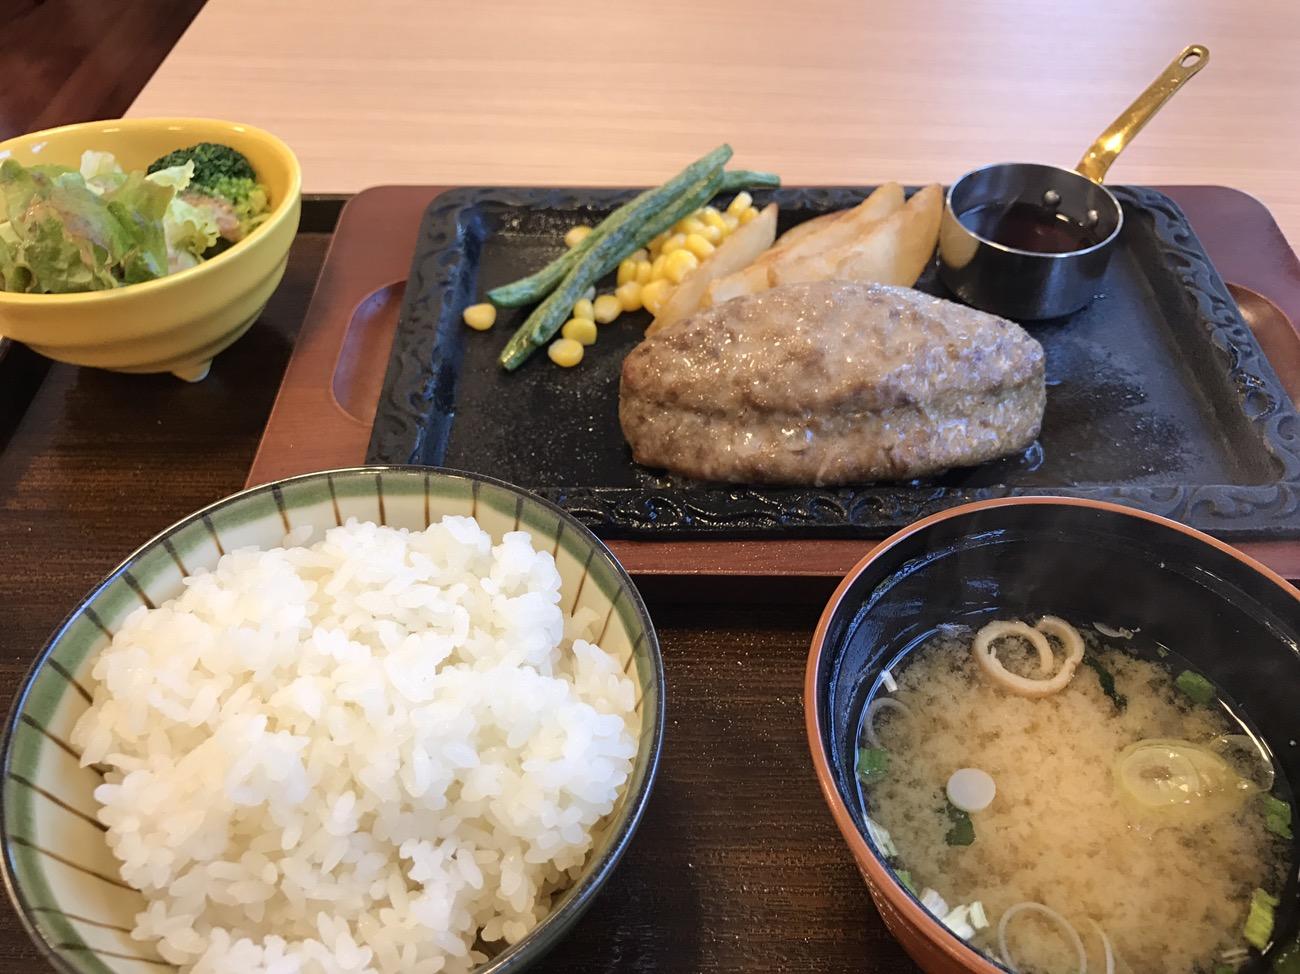 道の駅いわいずみの岩泉レストラン